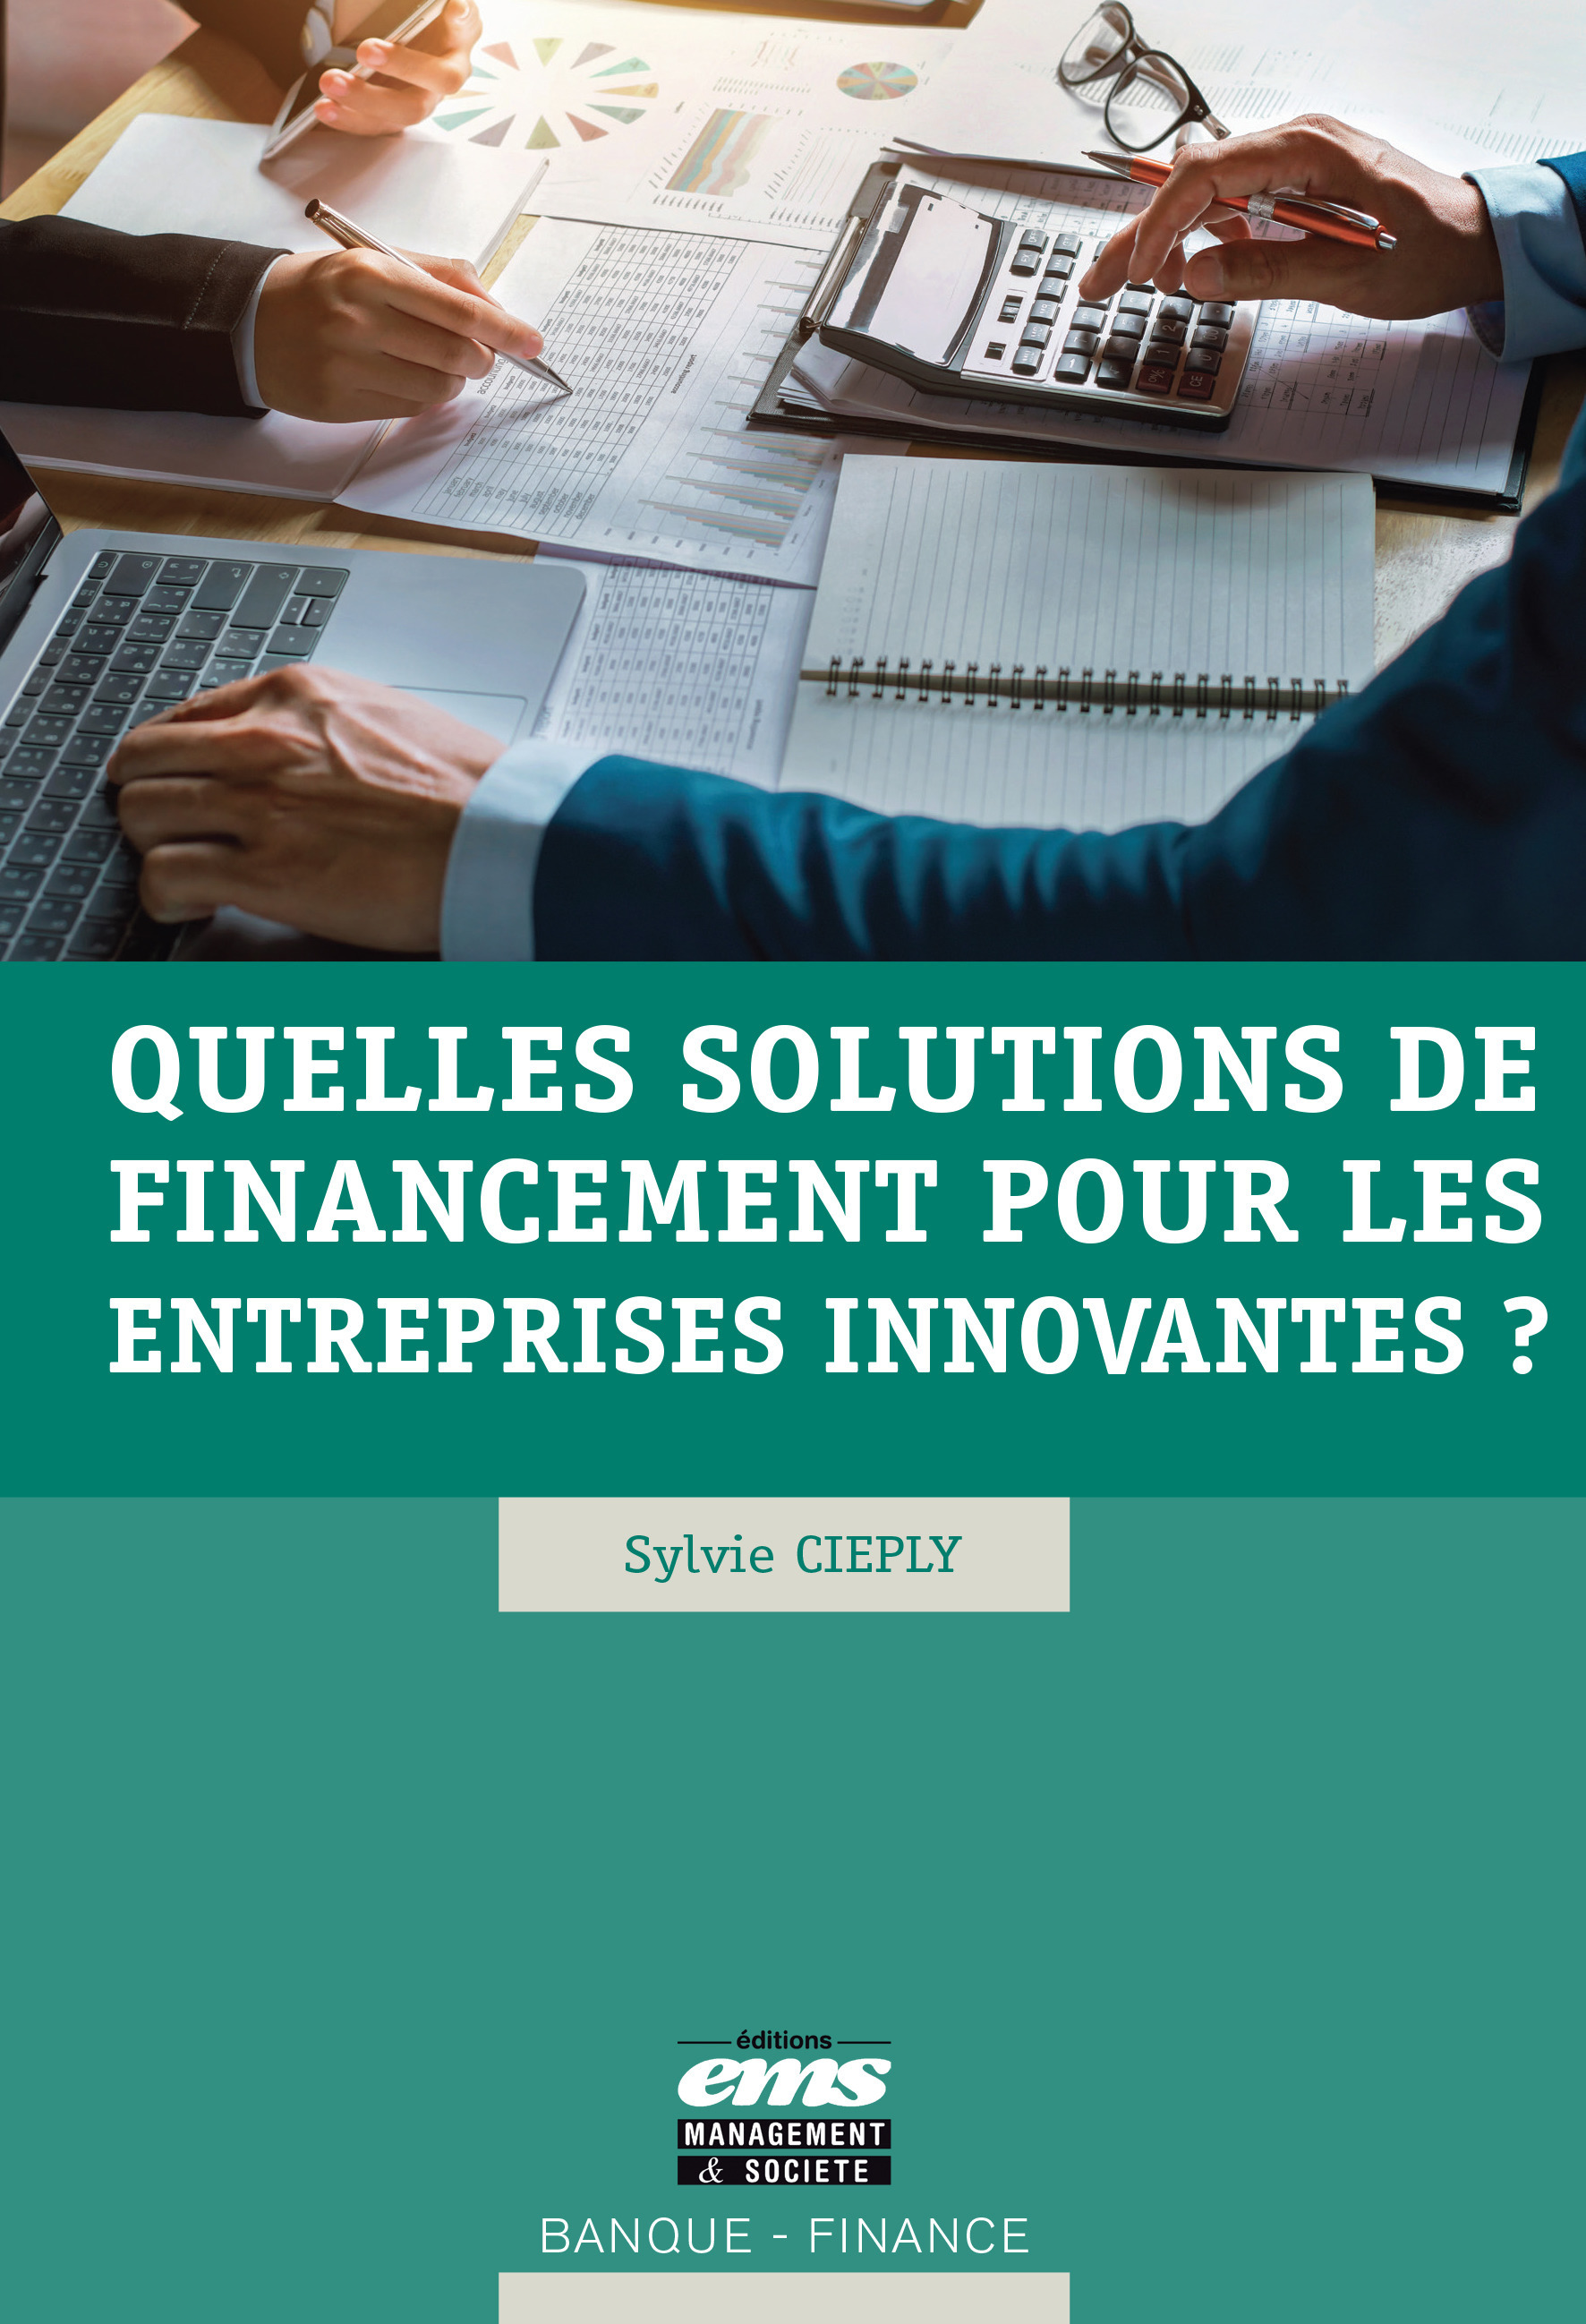 Quelles solutions de financement pour les entreprises innovantes ?